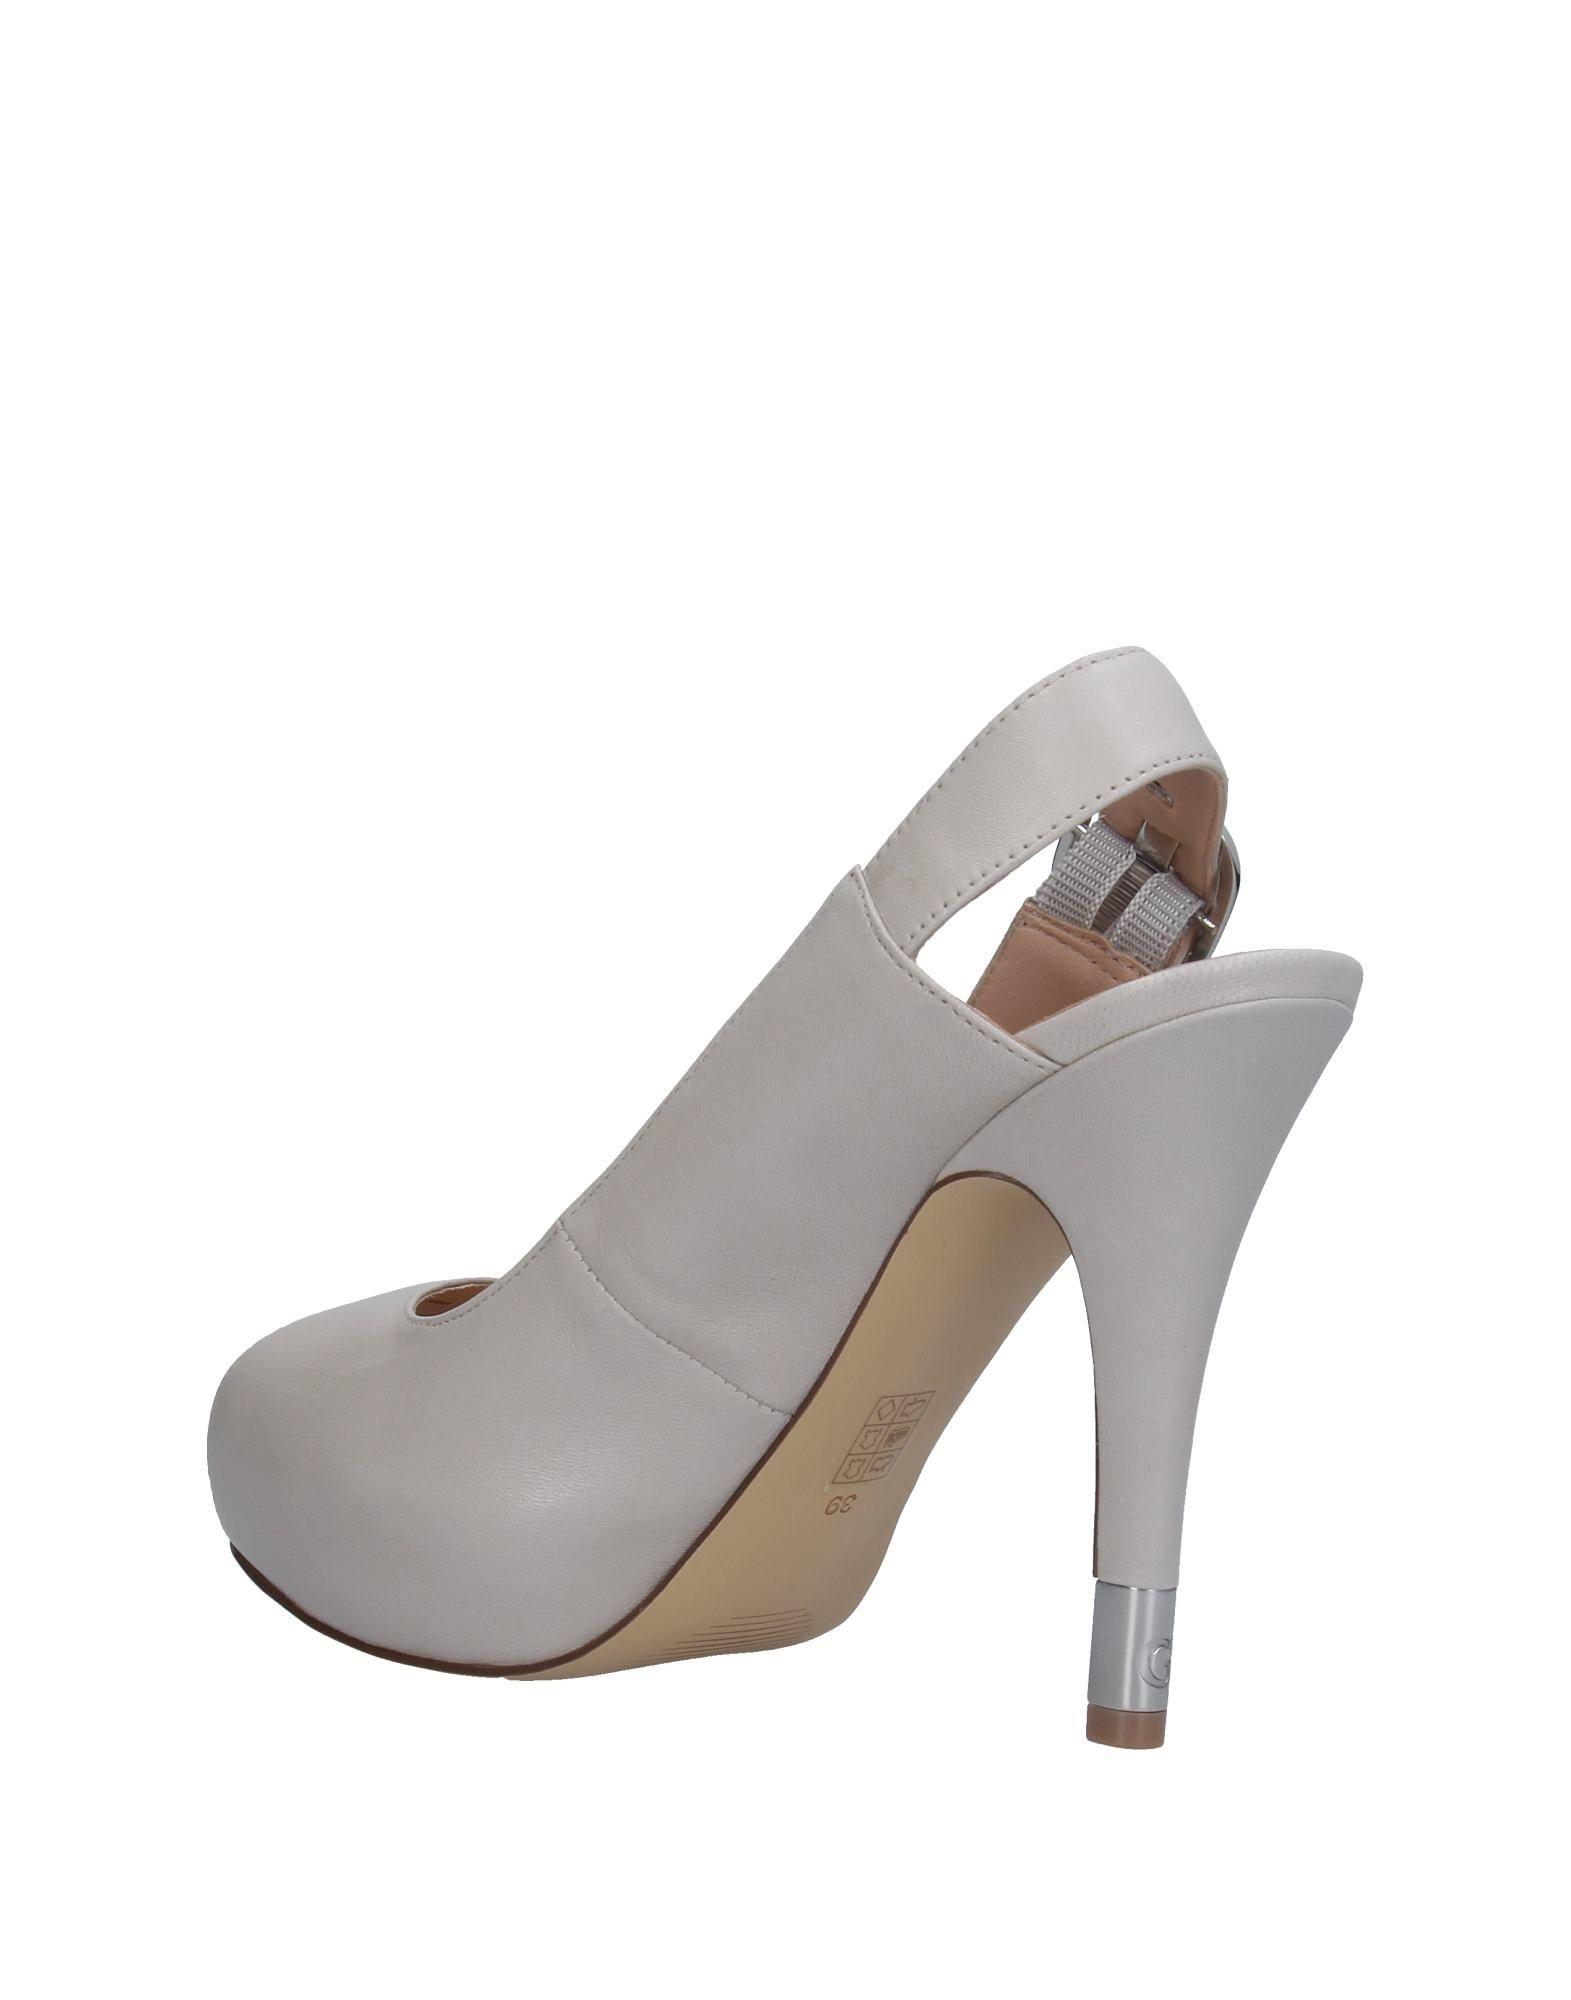 Klassischer Stil-1835,Guess Sandalen lohnt Damen Gutes Preis-Leistungs-Verhältnis, es lohnt Sandalen sich 225dc1